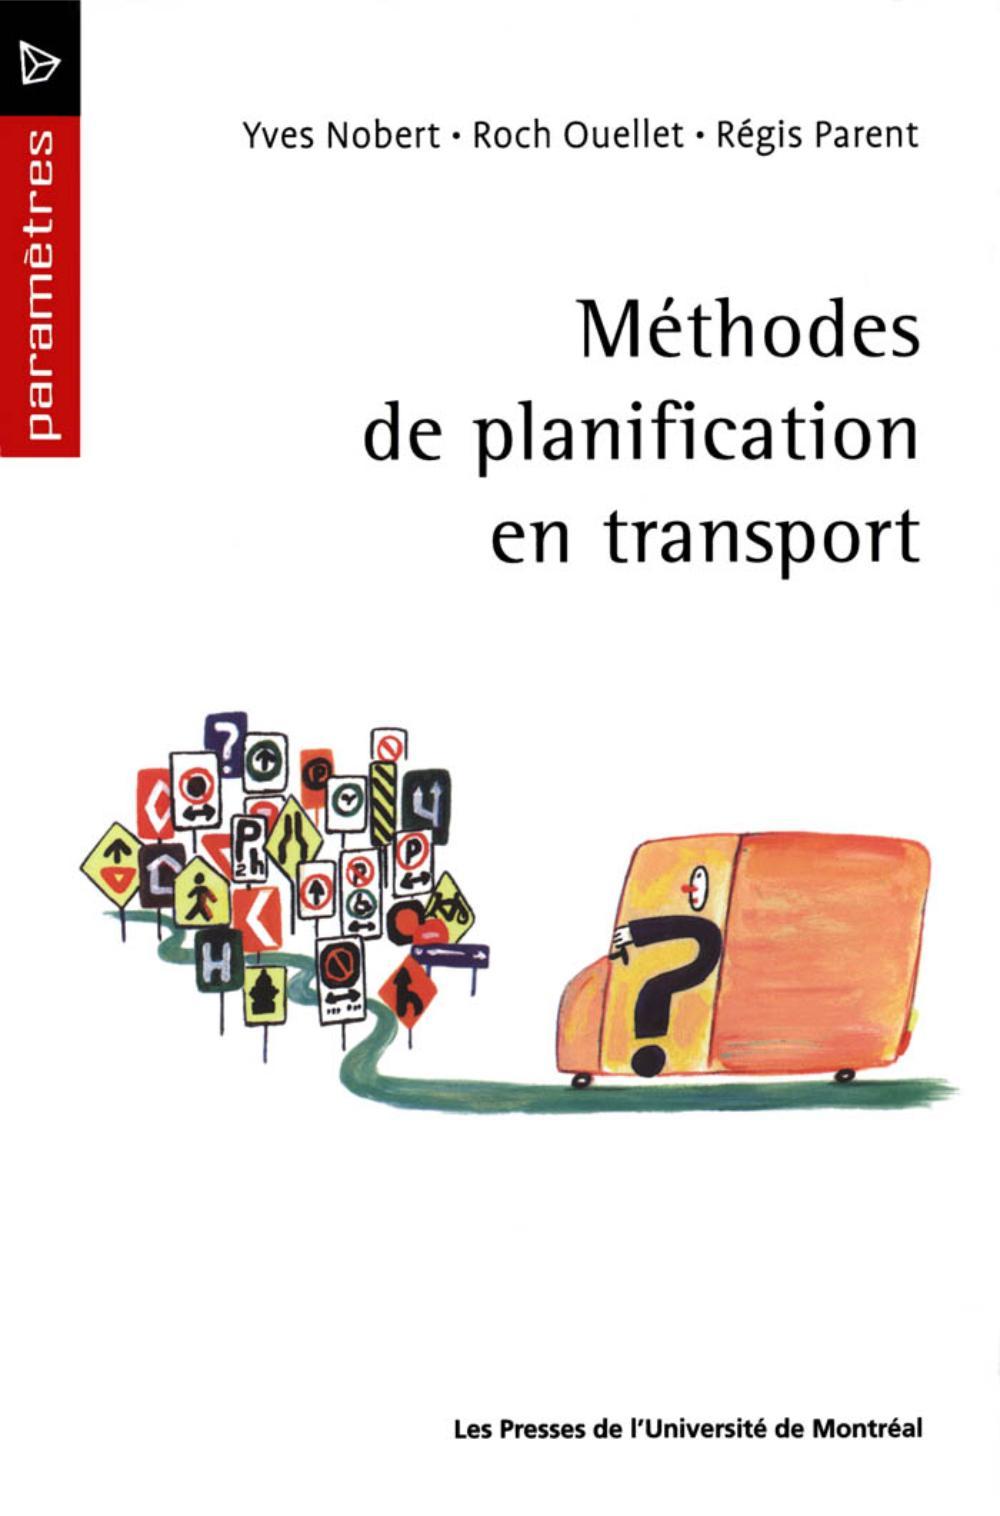 METHODES DE PLANIFICATION EN TRANSPORT